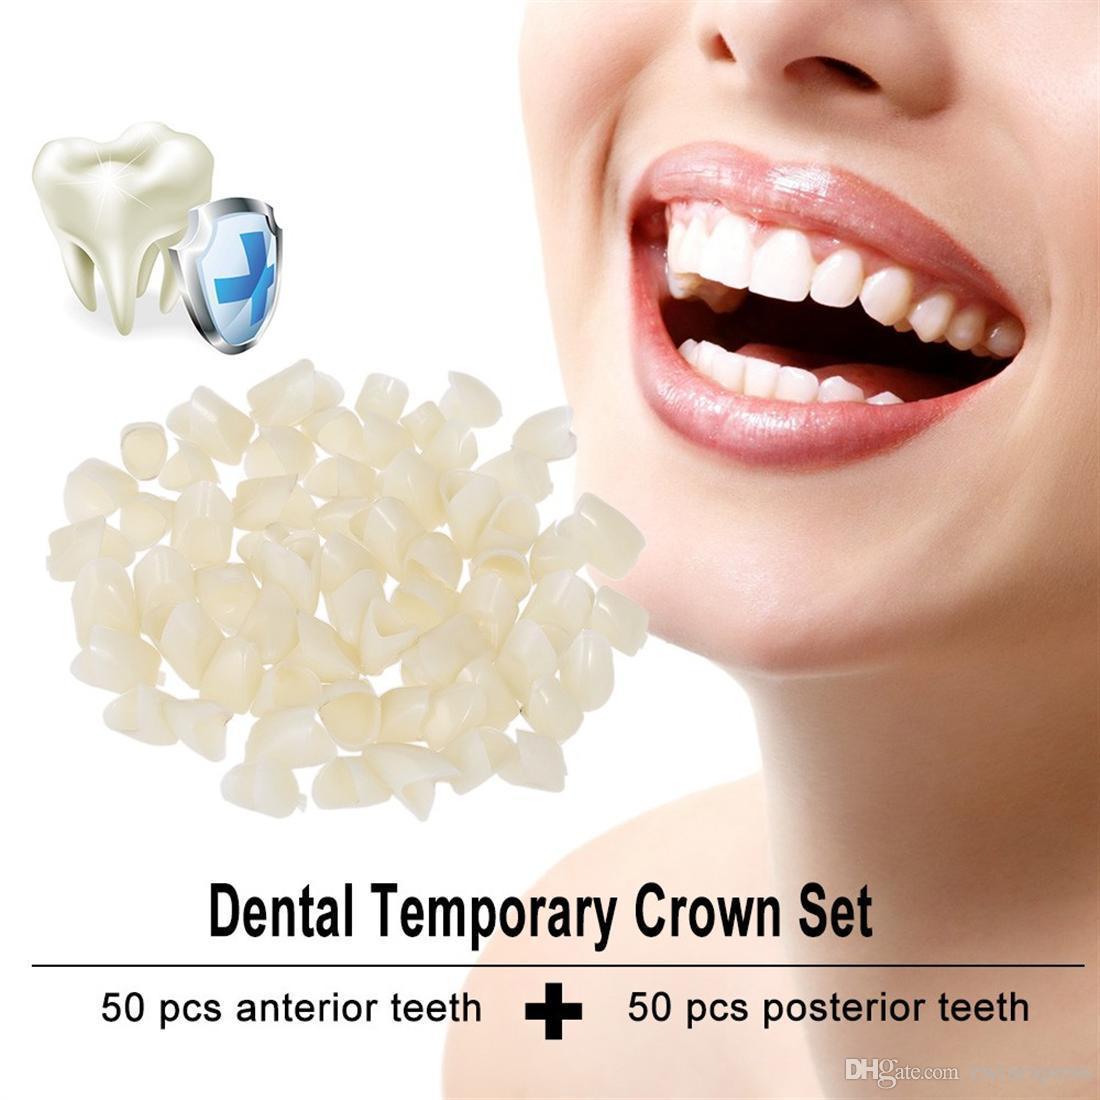 حزمة من 100pcs التي الأسنان المؤقتة ولي الاماميه الأسنان الجبهة الضرس الخلفي طبيب الأسنان منتجات طب الأسنان مواد الطبيعة اللون